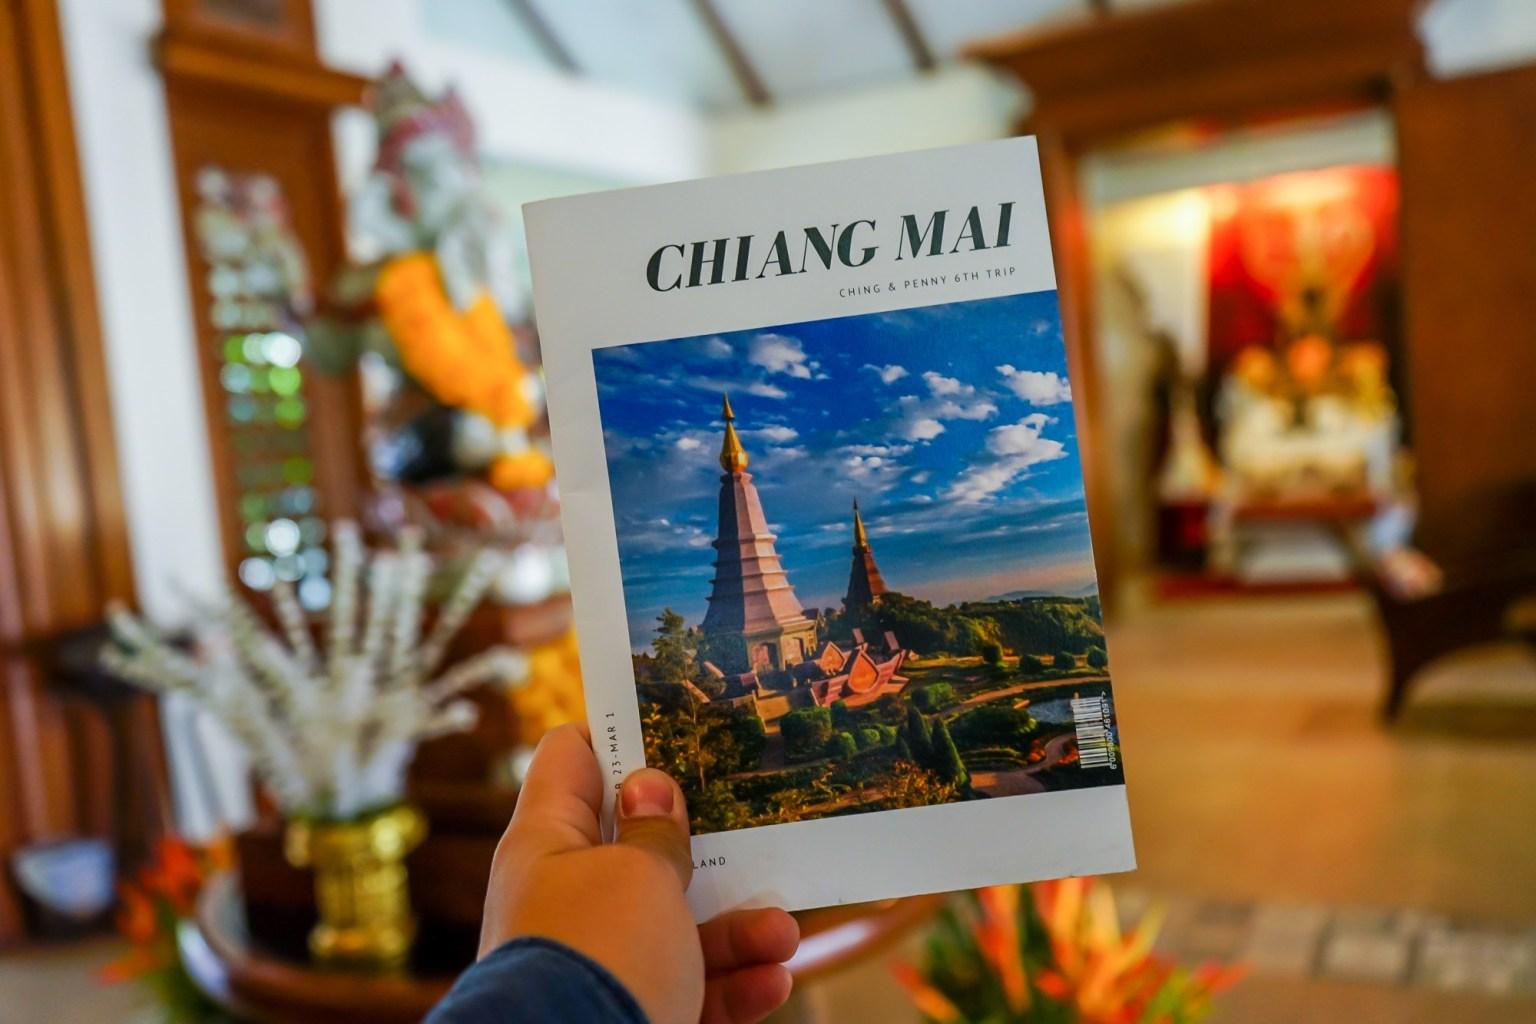 今年二月清邁旅遊的旅遊小手冊